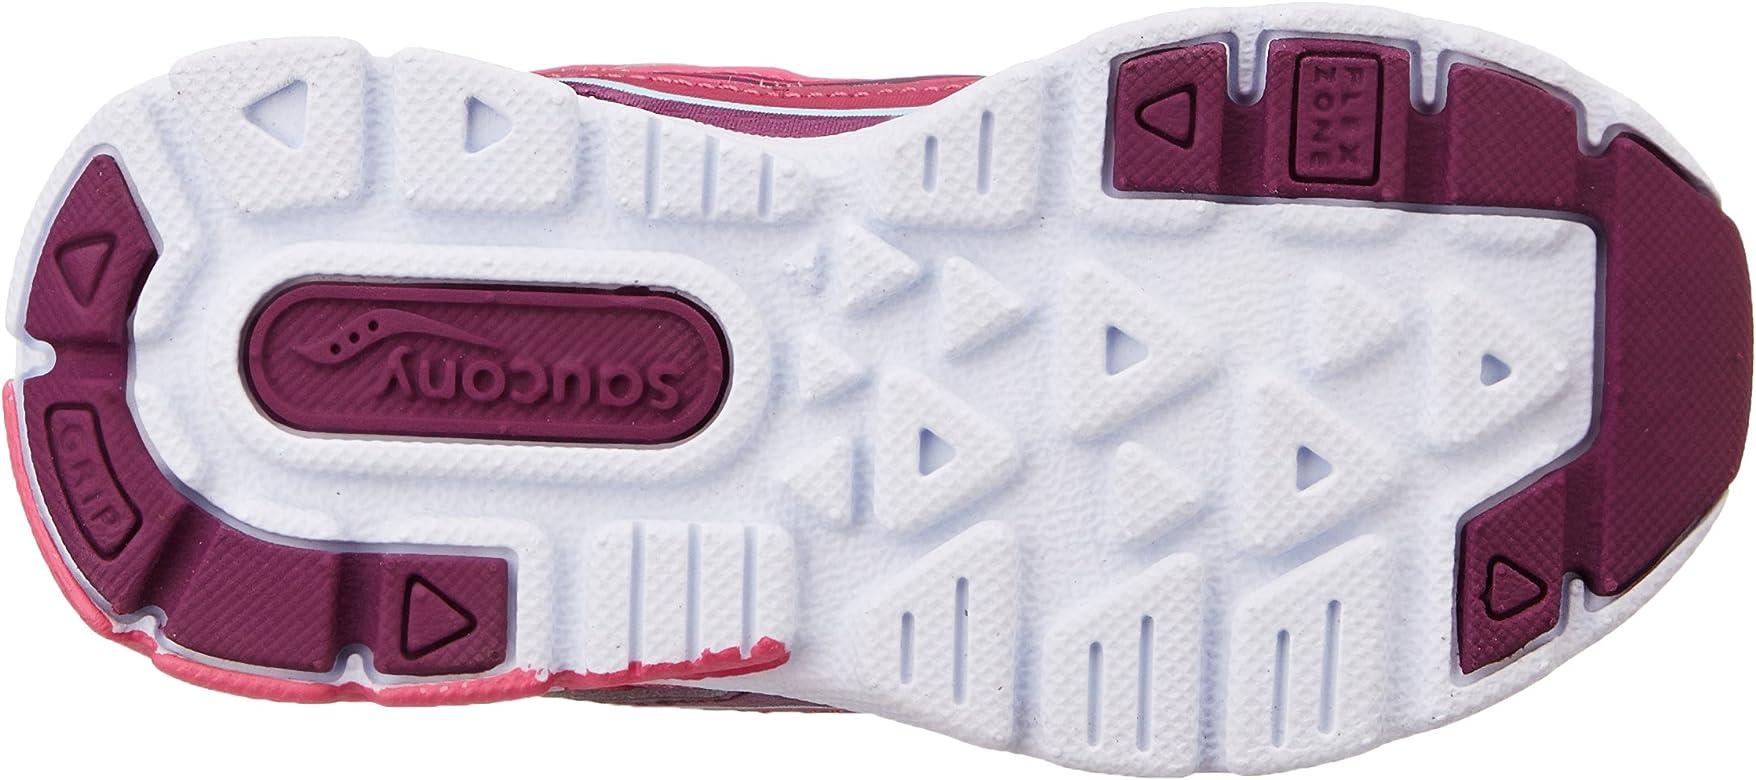 Saucony - Zapatillas de Running para Hombre Rosa Rosa: Amazon.es: Zapatos y complementos